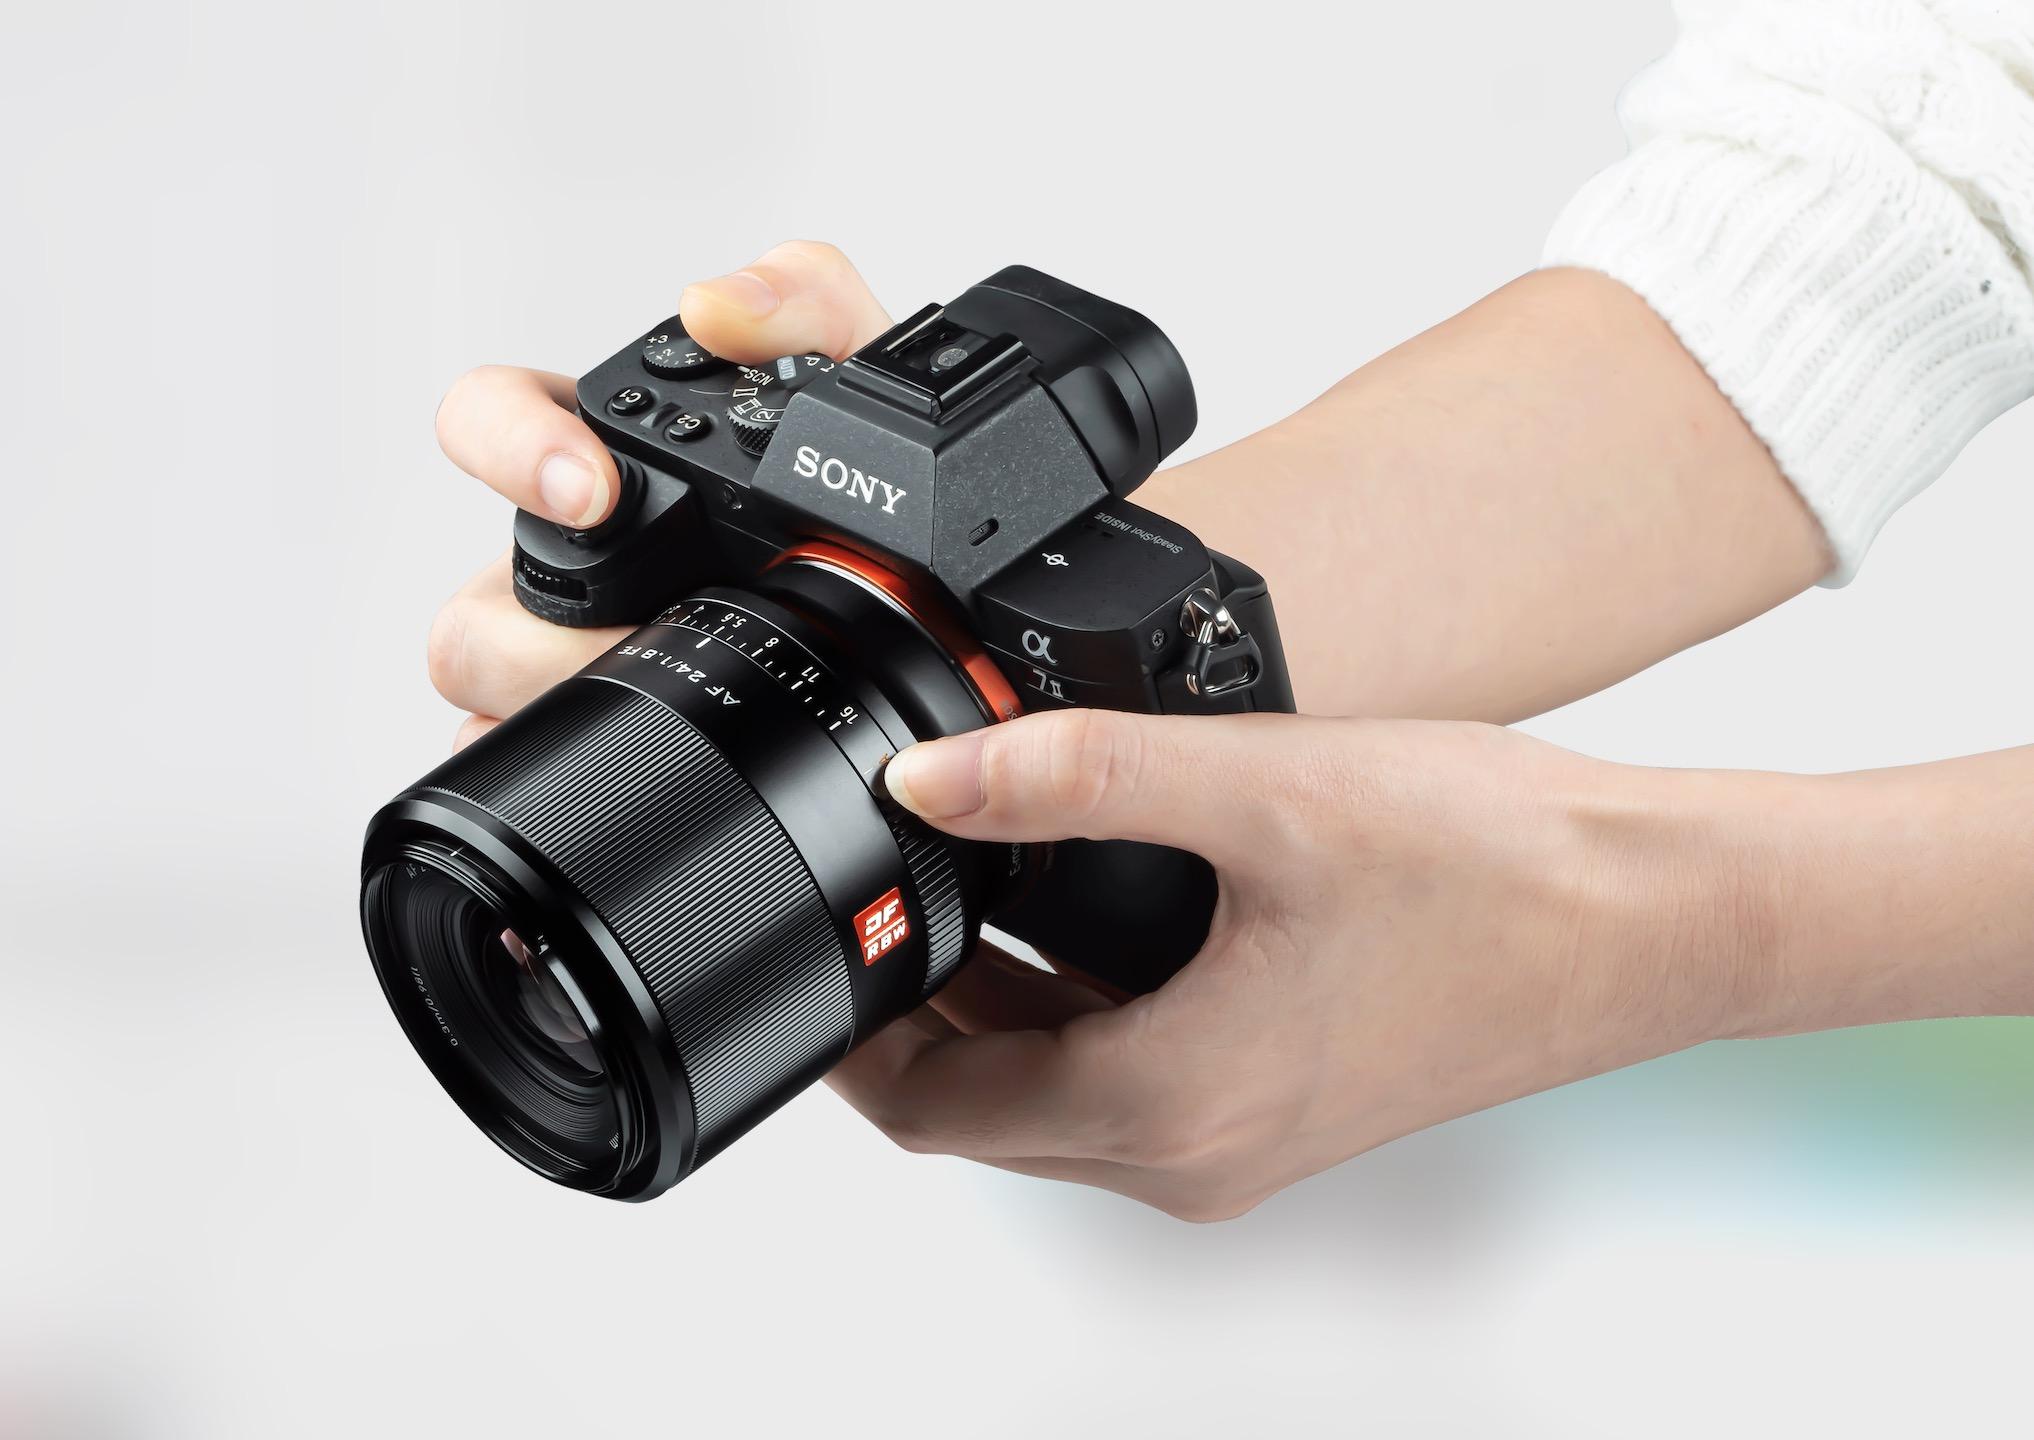 Frauenhände halten eine Sony-Kamera mit neuem 24-mm-Objektiv vor hellem Hintergrund